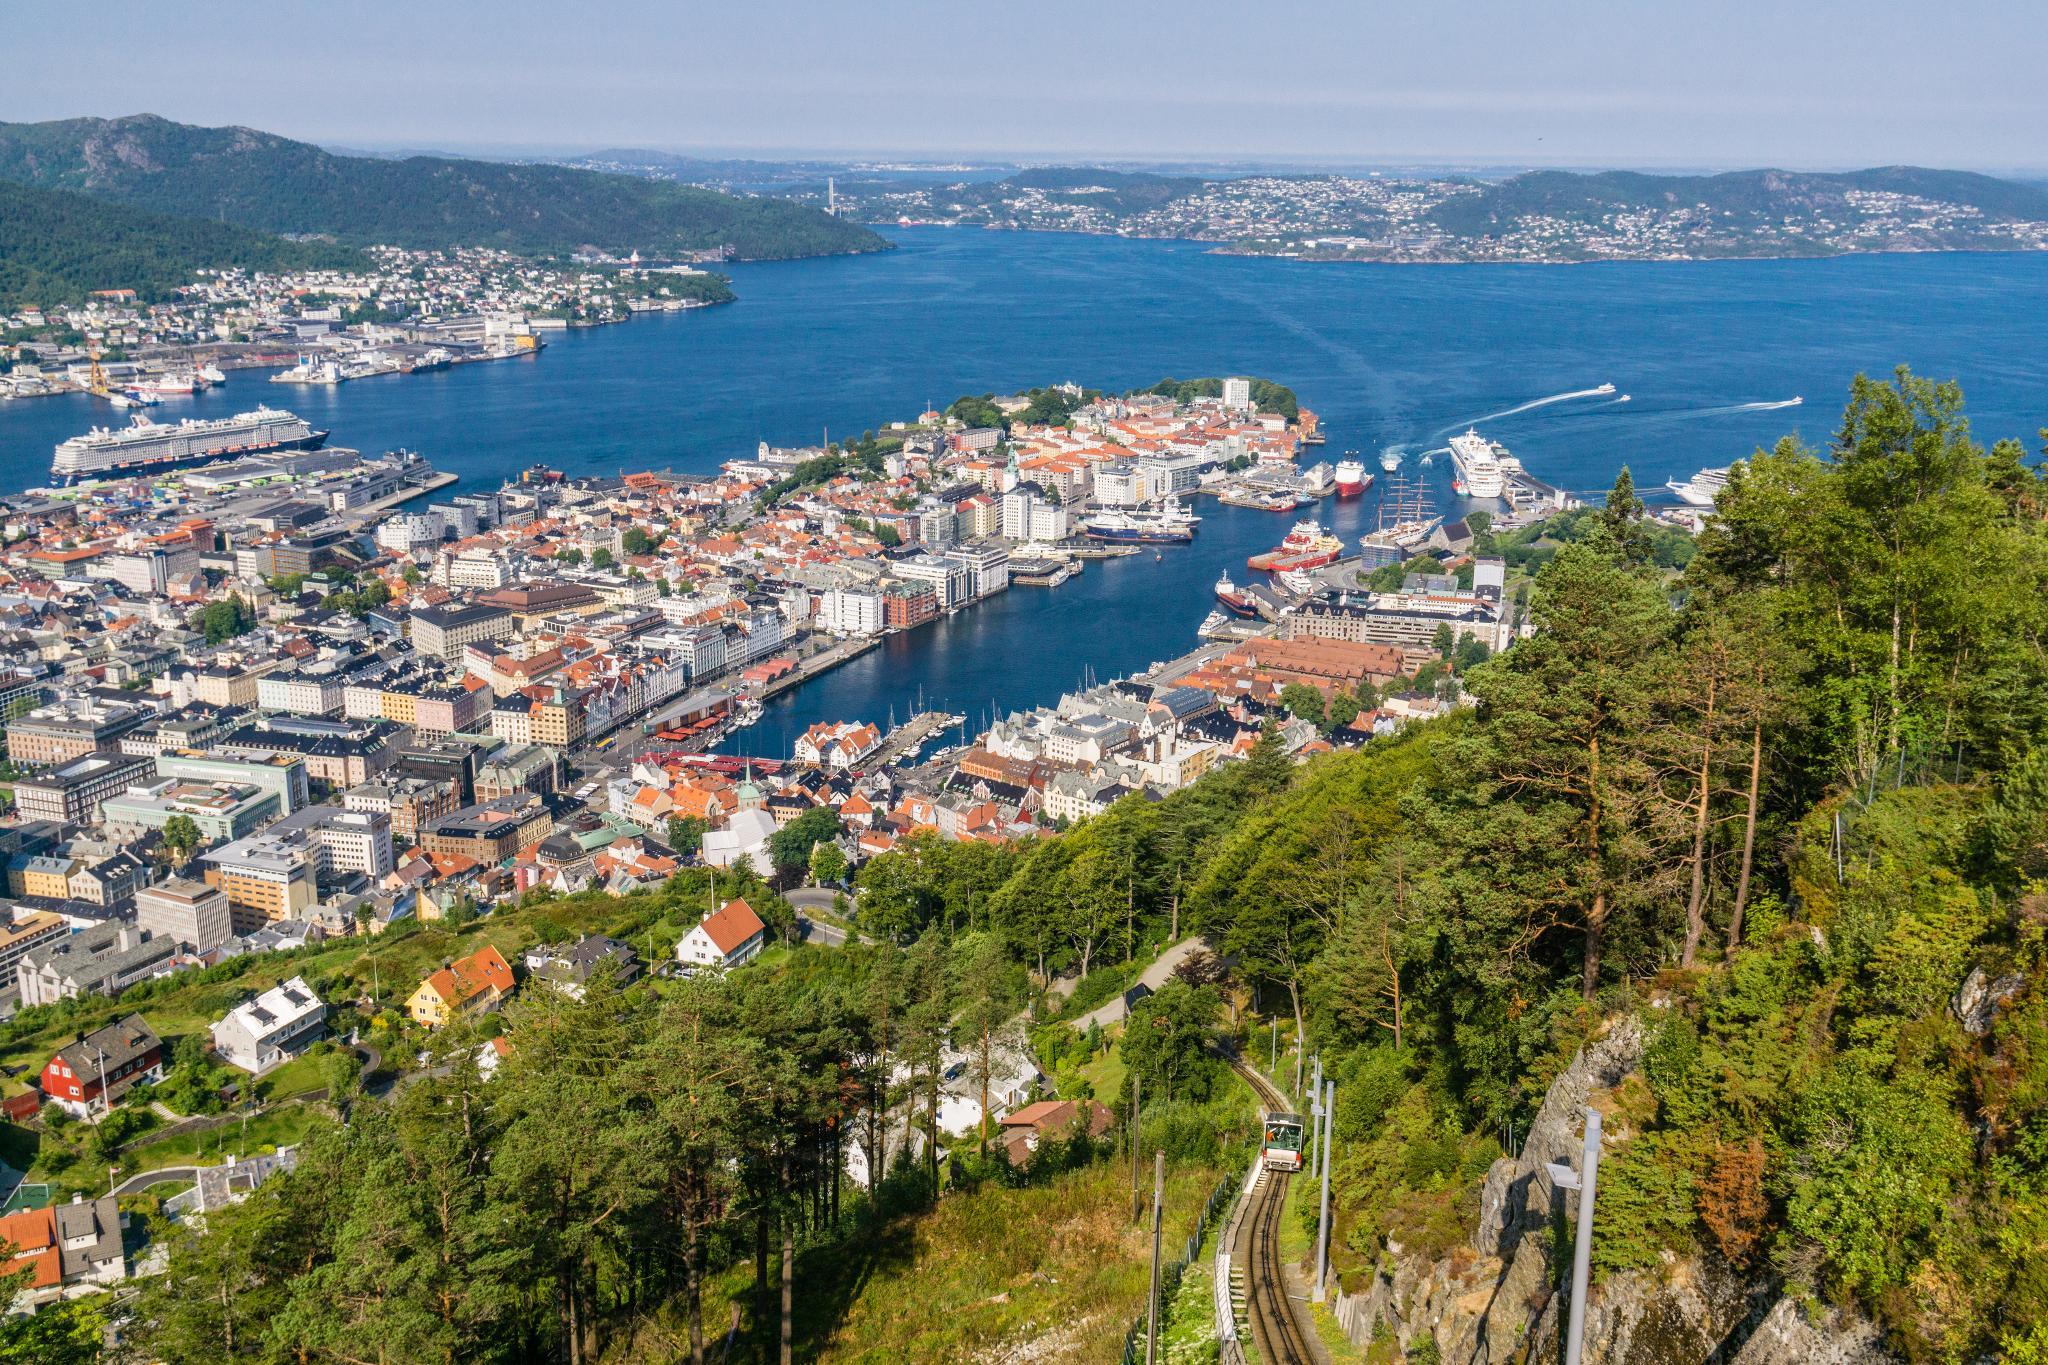 【卑爾根】超級震撼的隱藏版挪威景點 — Stoltzekleiven桑德維克斯石梯與Fløyen佛洛伊恩觀景台大縱走 30